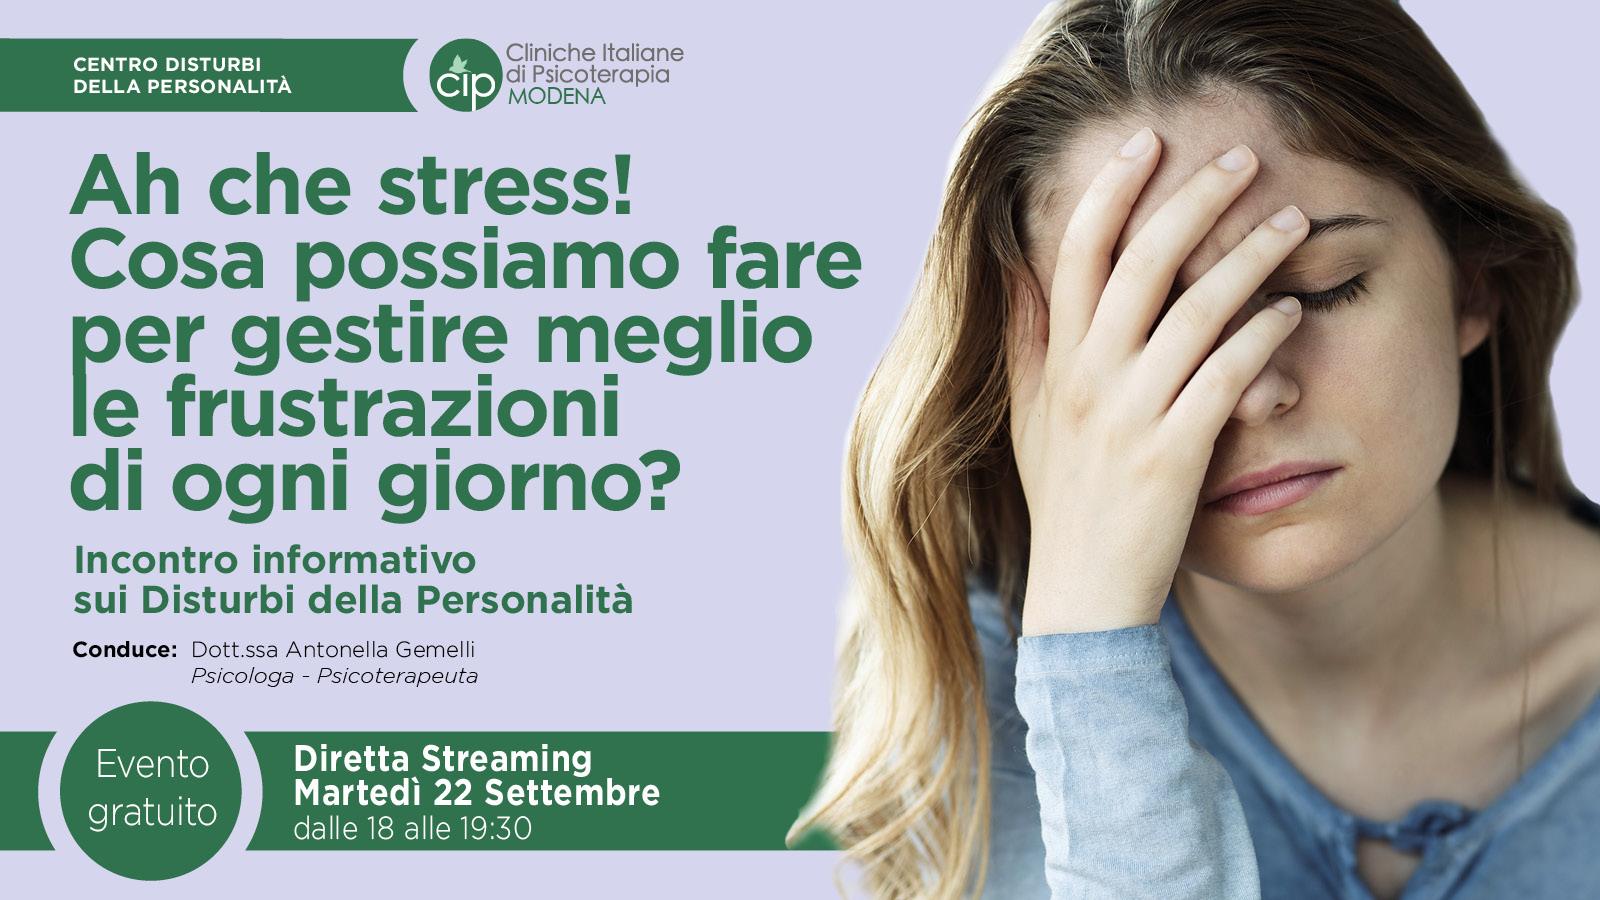 CIP MODENA - 200922 - Frustrazioni - Banner